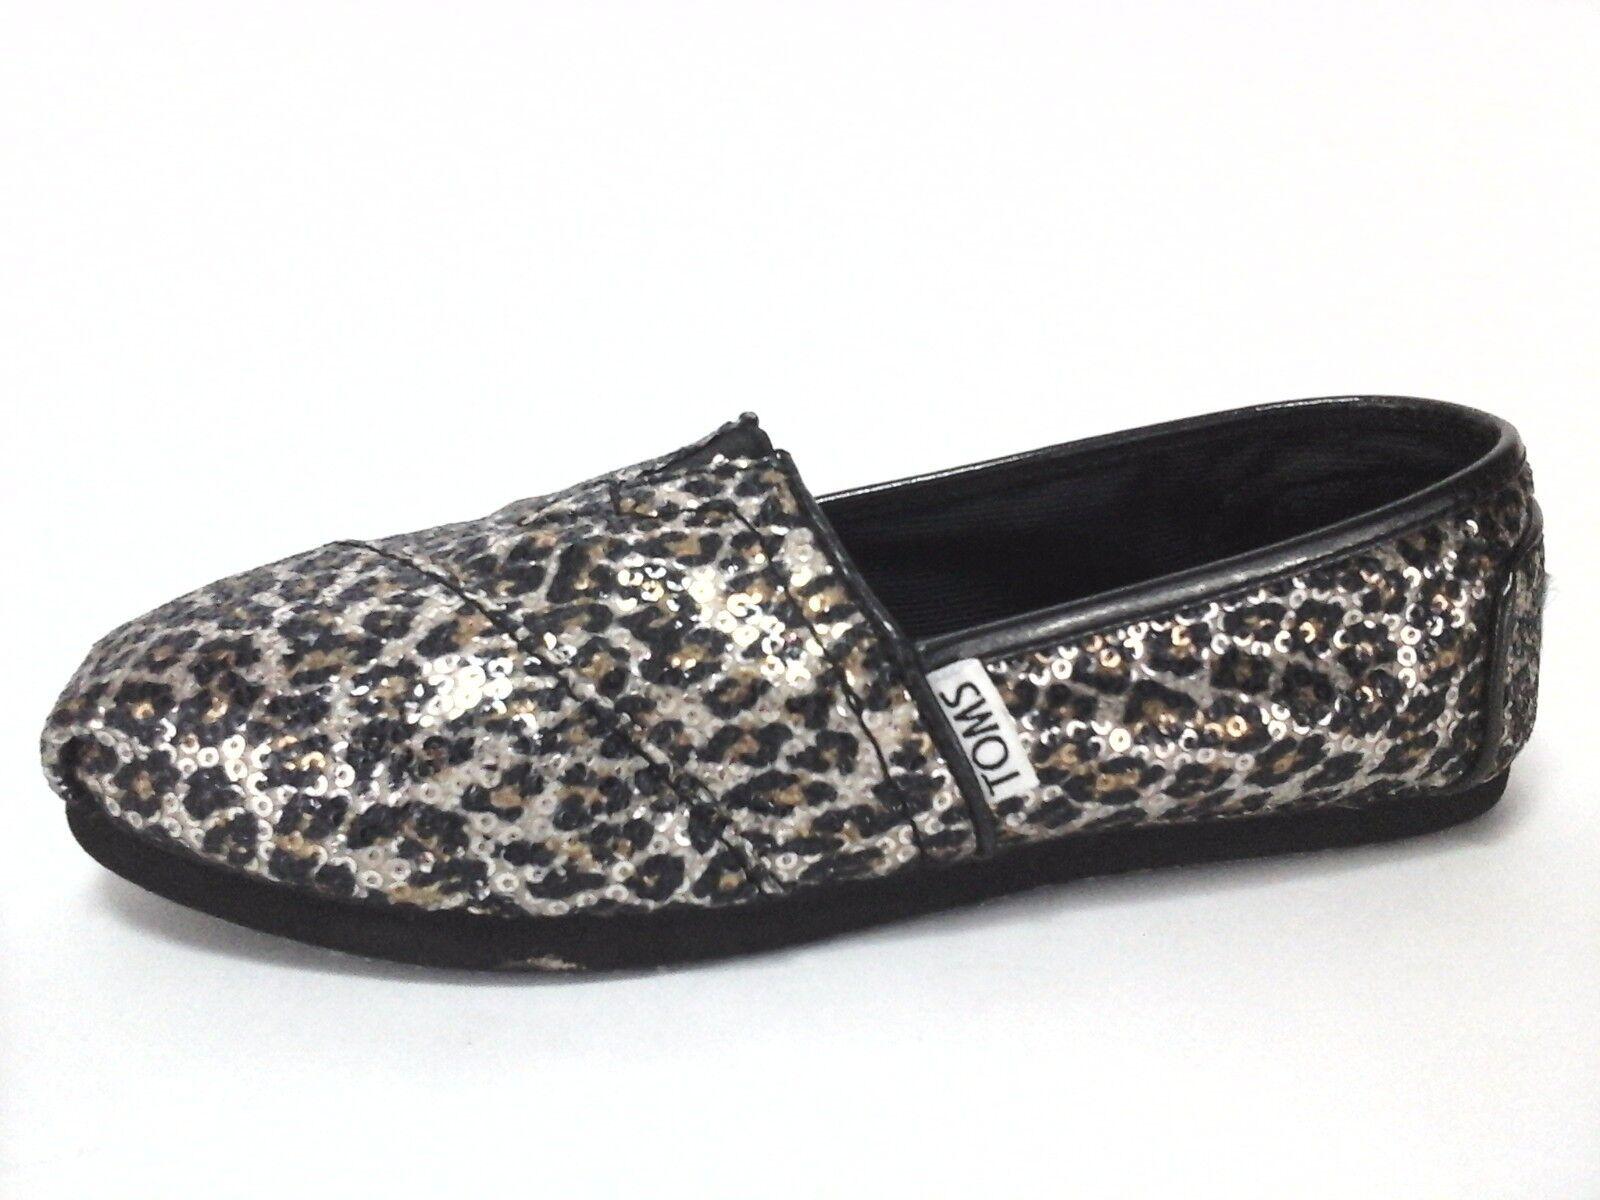 8dcdd08e2cc TOMS Shoes Women s Leopard Animal Print Sparkle Slip On Flats US 5 EU 35.5   60